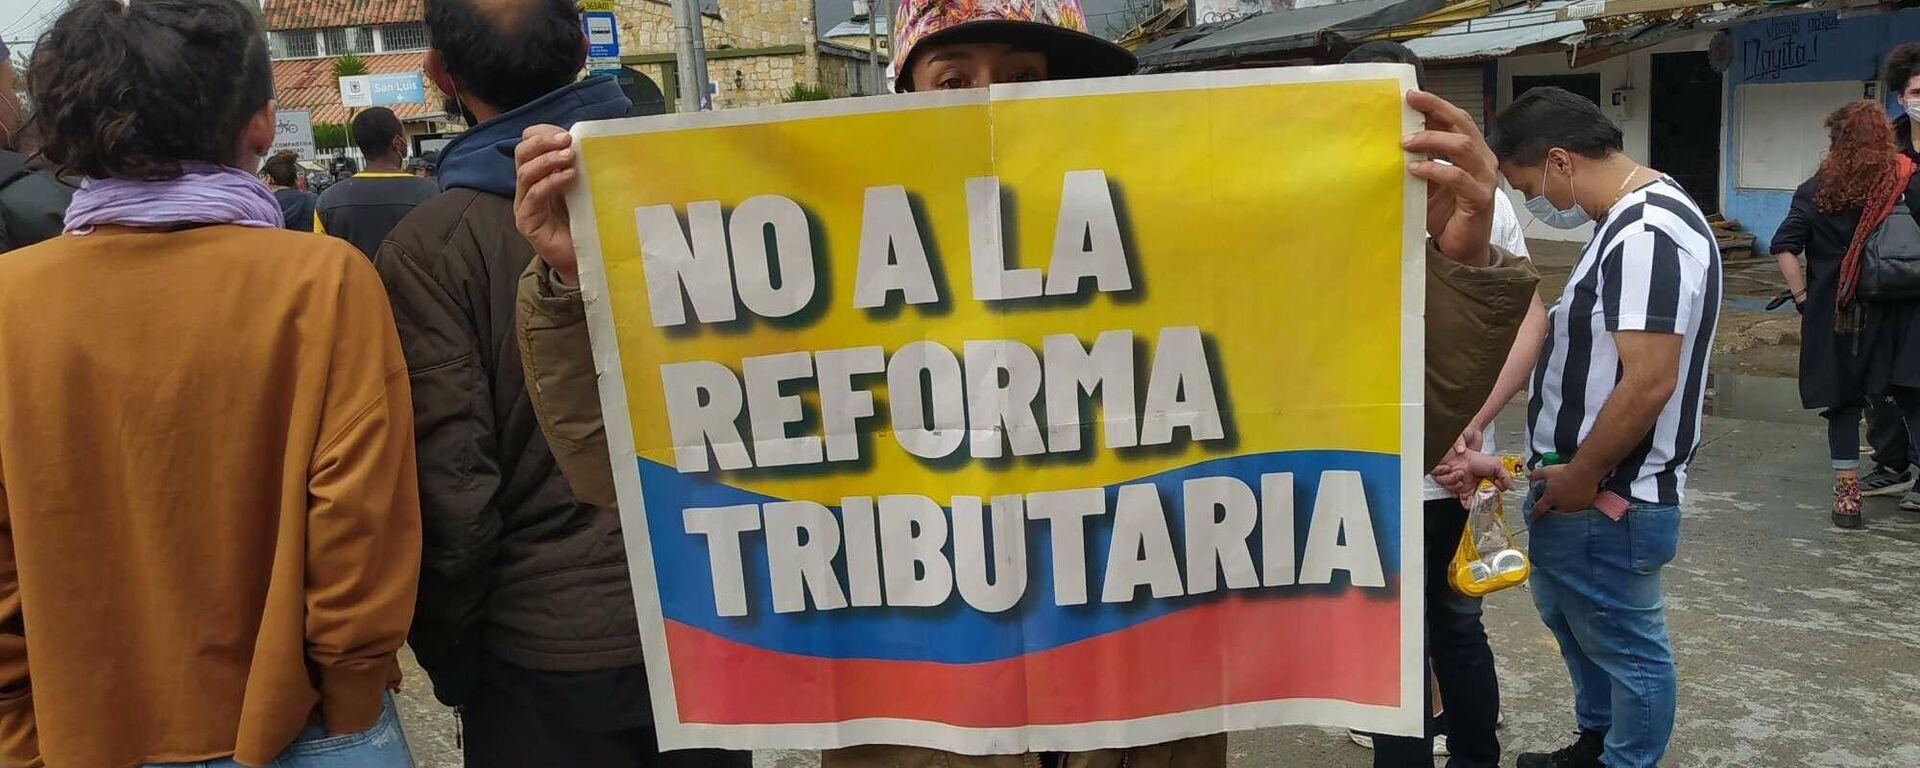 Una manifestante con un cartel contra la reforma propuesta por el Gobierno de Iván Duque - Sputnik Mundo, 1920, 29.04.2021